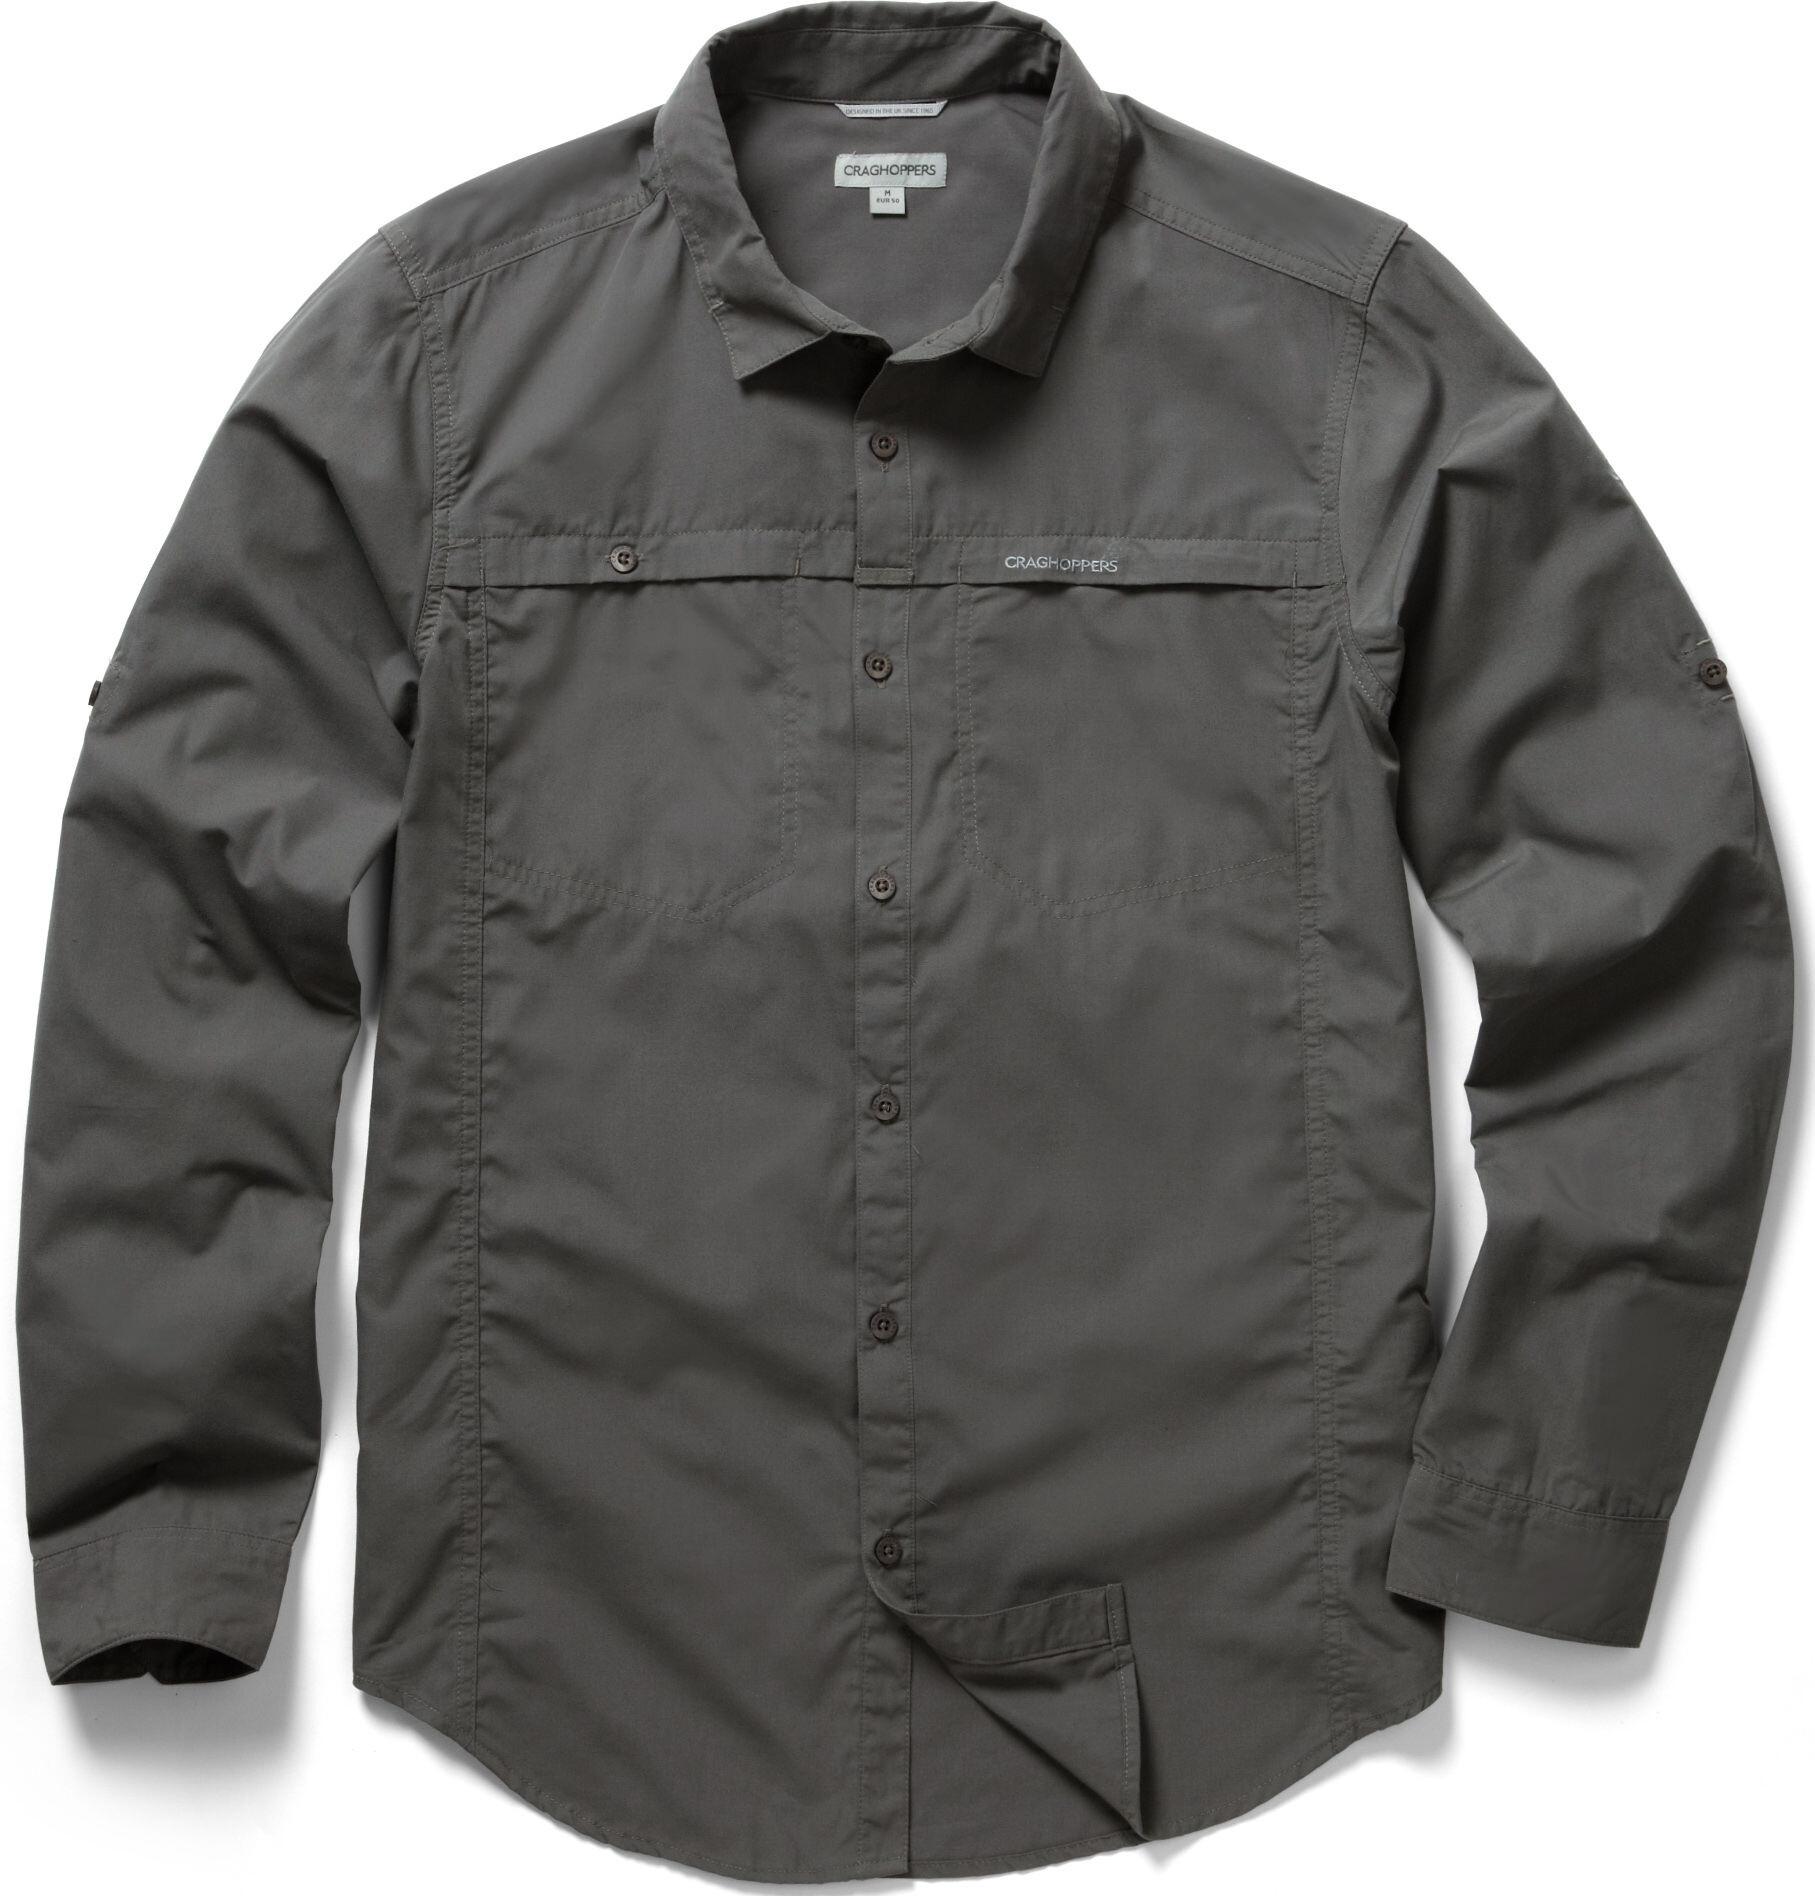 0edaef64769bc Craghoppers Kiwi Trek - T-shirt manches longues Homme - gris sur CAMPZ !